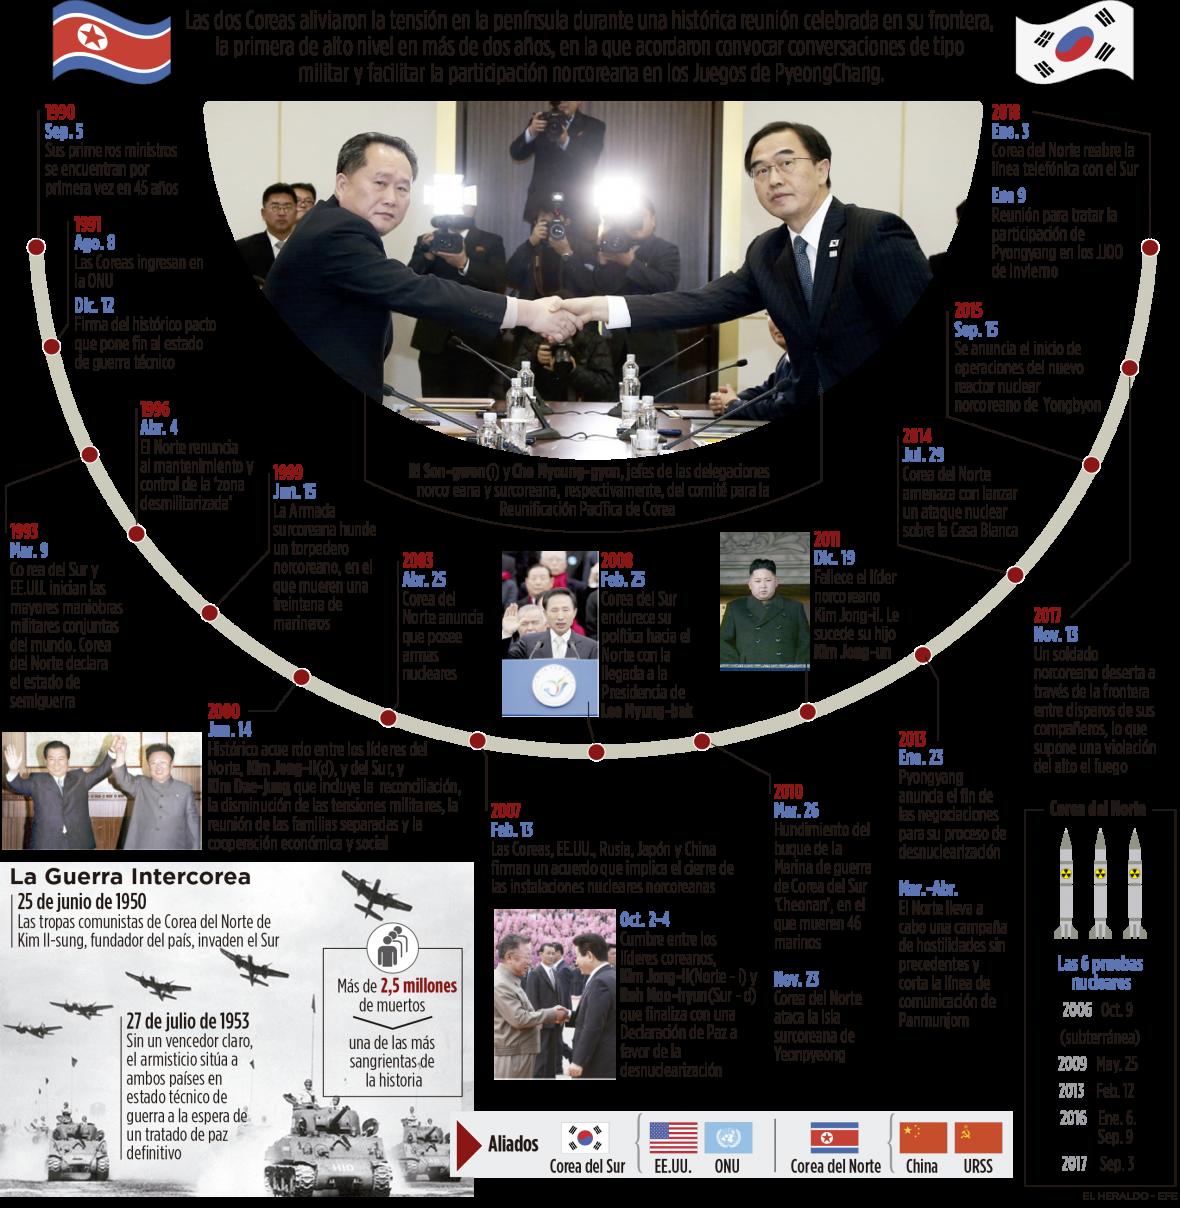 Seúl propone a Pyongyang una nueva reunión el lunes para hablar de los Juegos Olímpicos de Invierno